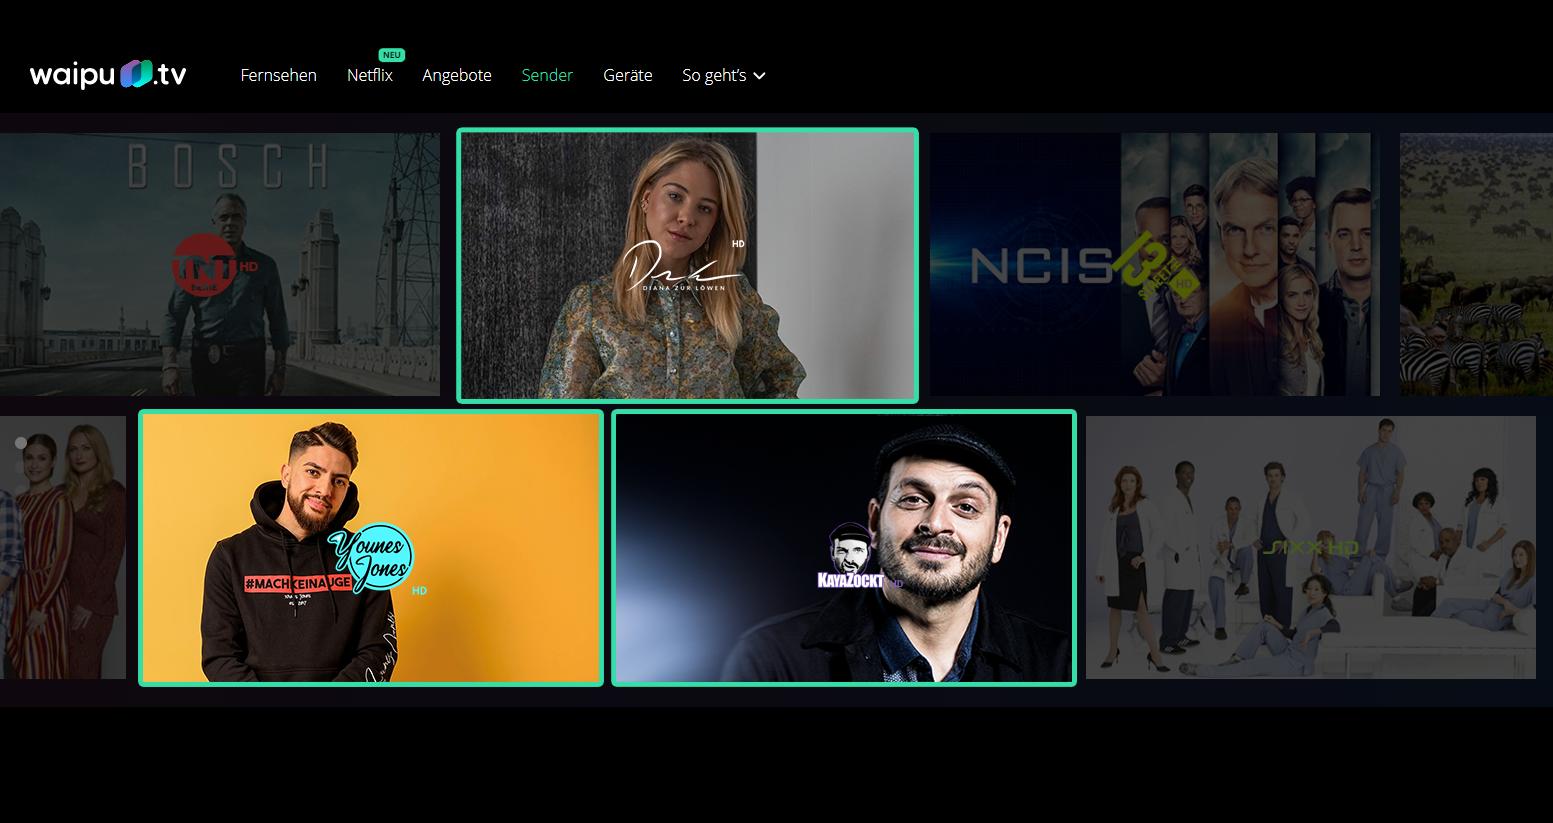 Studio71 erweitert das Programmportfolio von waipu.tv um drei neue Kanäle